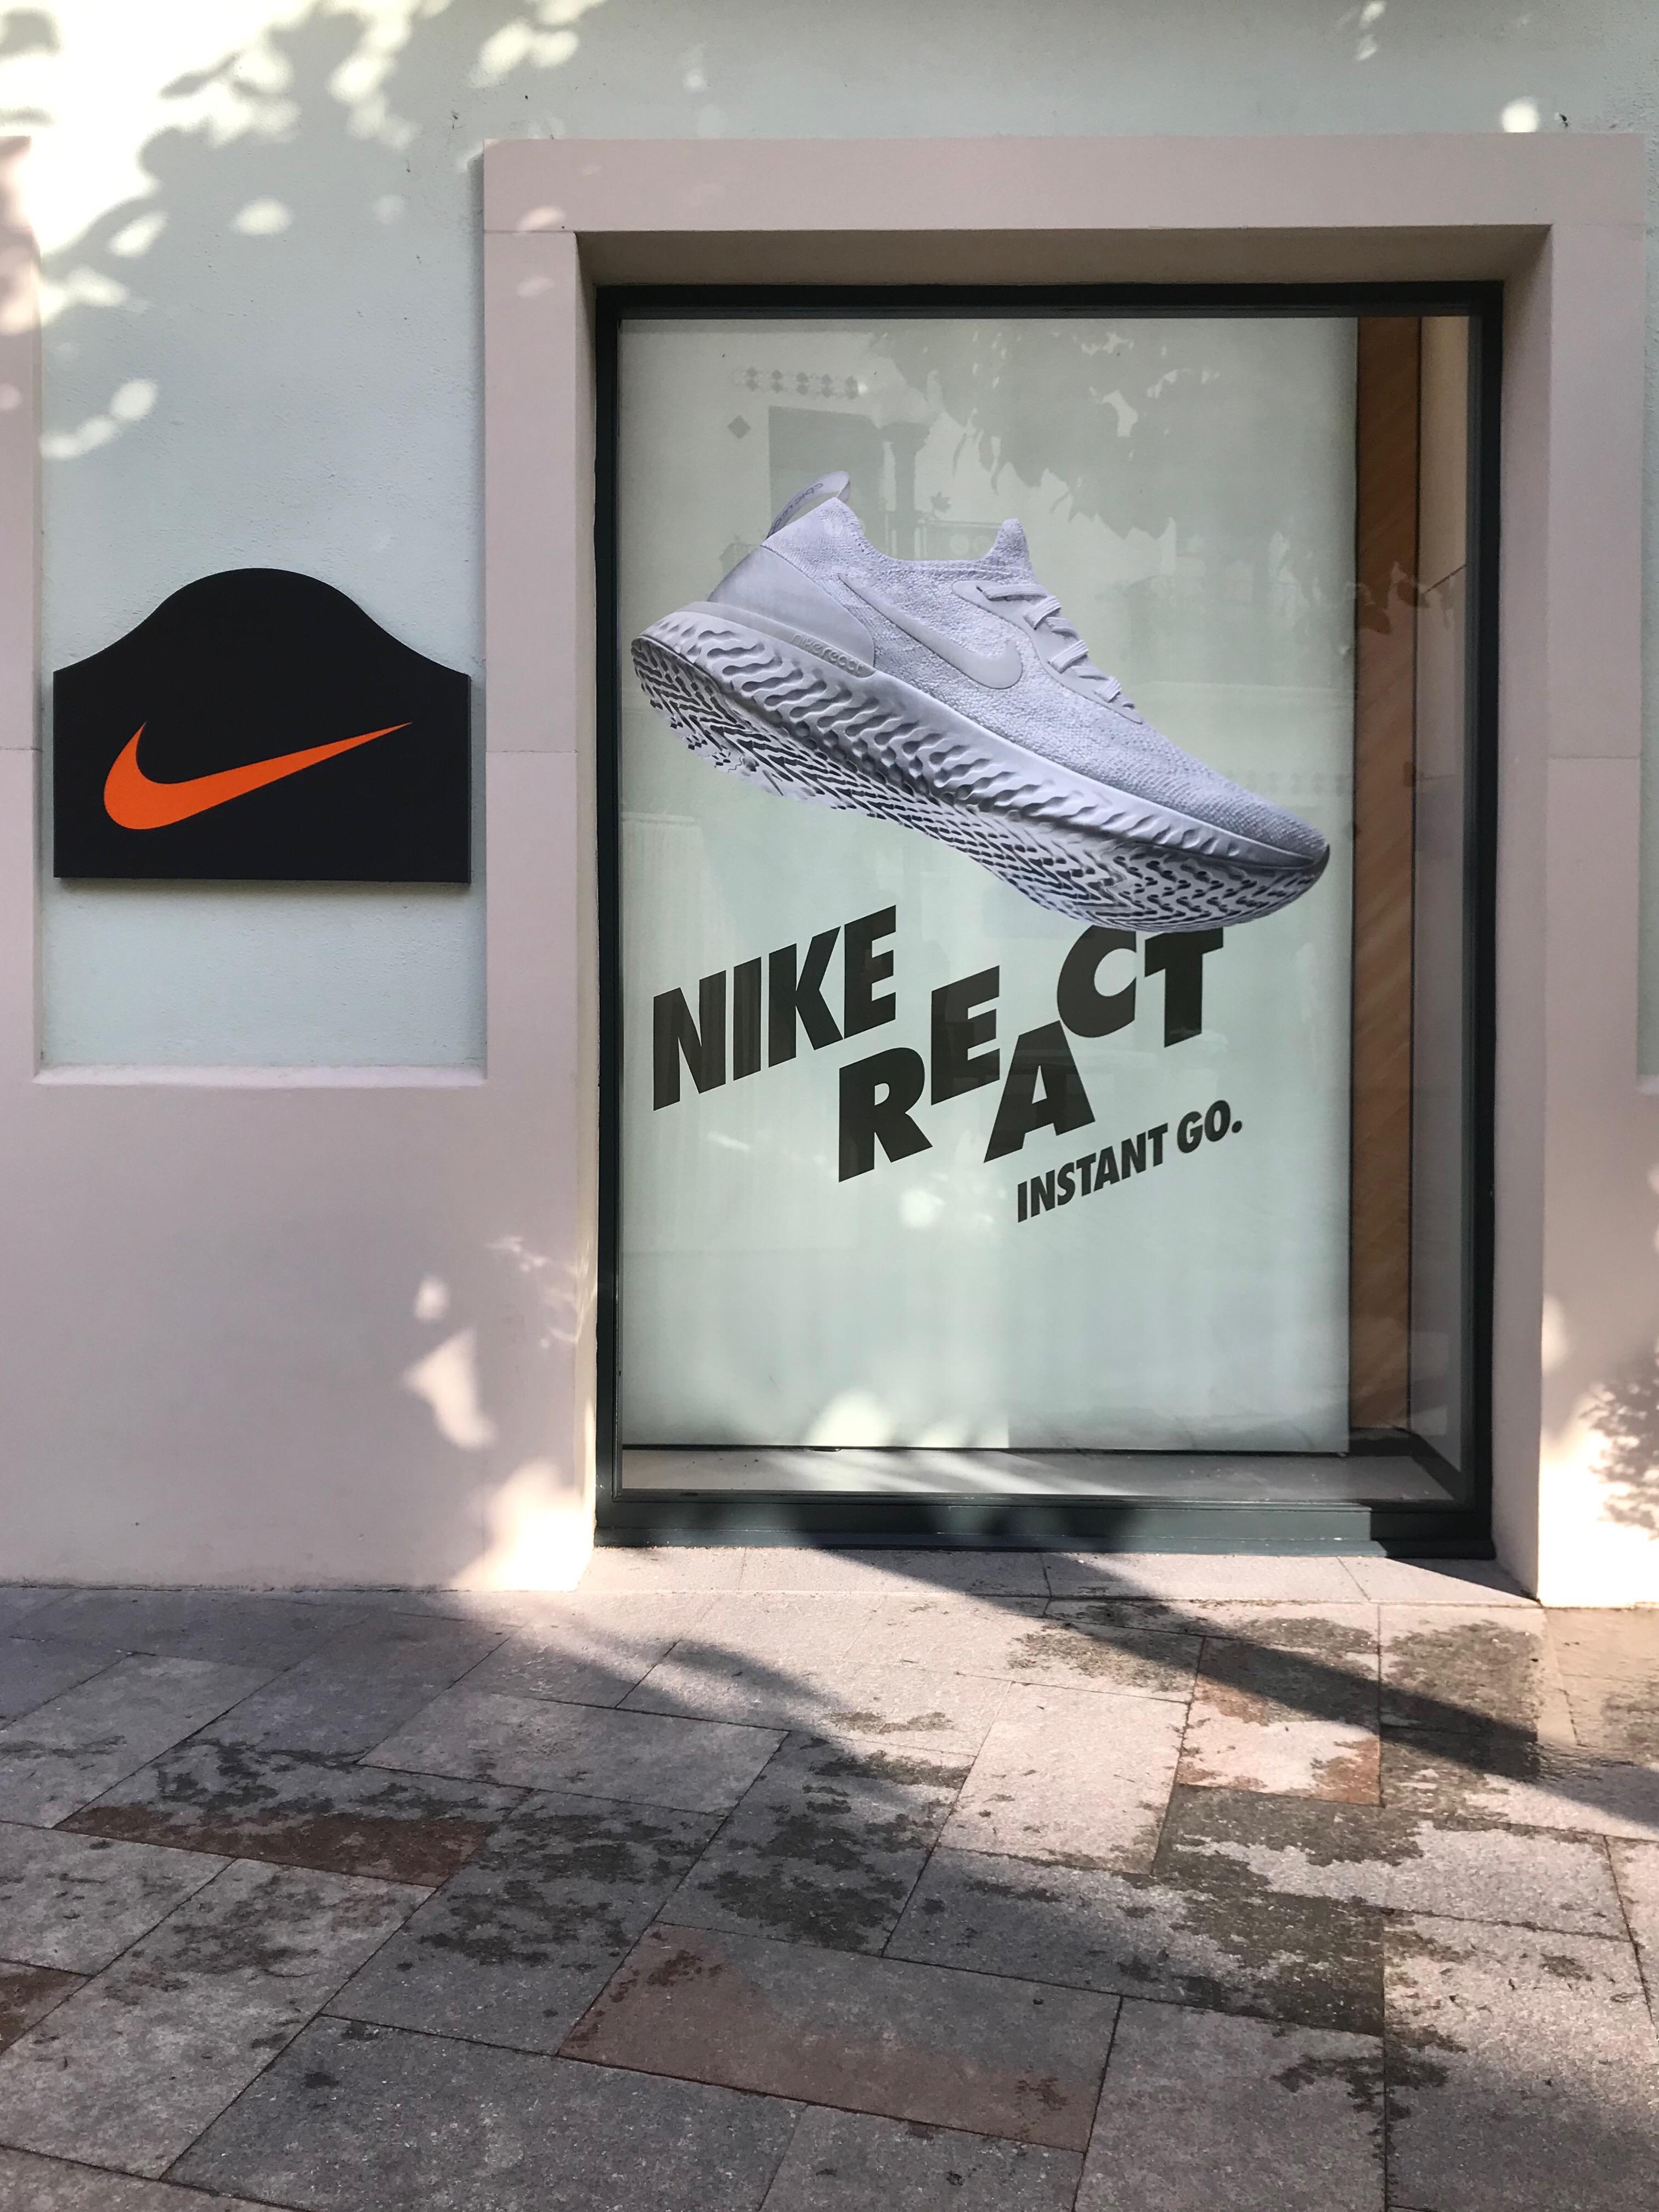 Producto chupar Preocupado  La Roca Village Nike Factory Store - Sports Et Loisirs: Articles Et  Vêtements (Détail Et Accessoires) à Cardedeu (adresse, horaires, avis, TÉL:  938423...) - Infobel